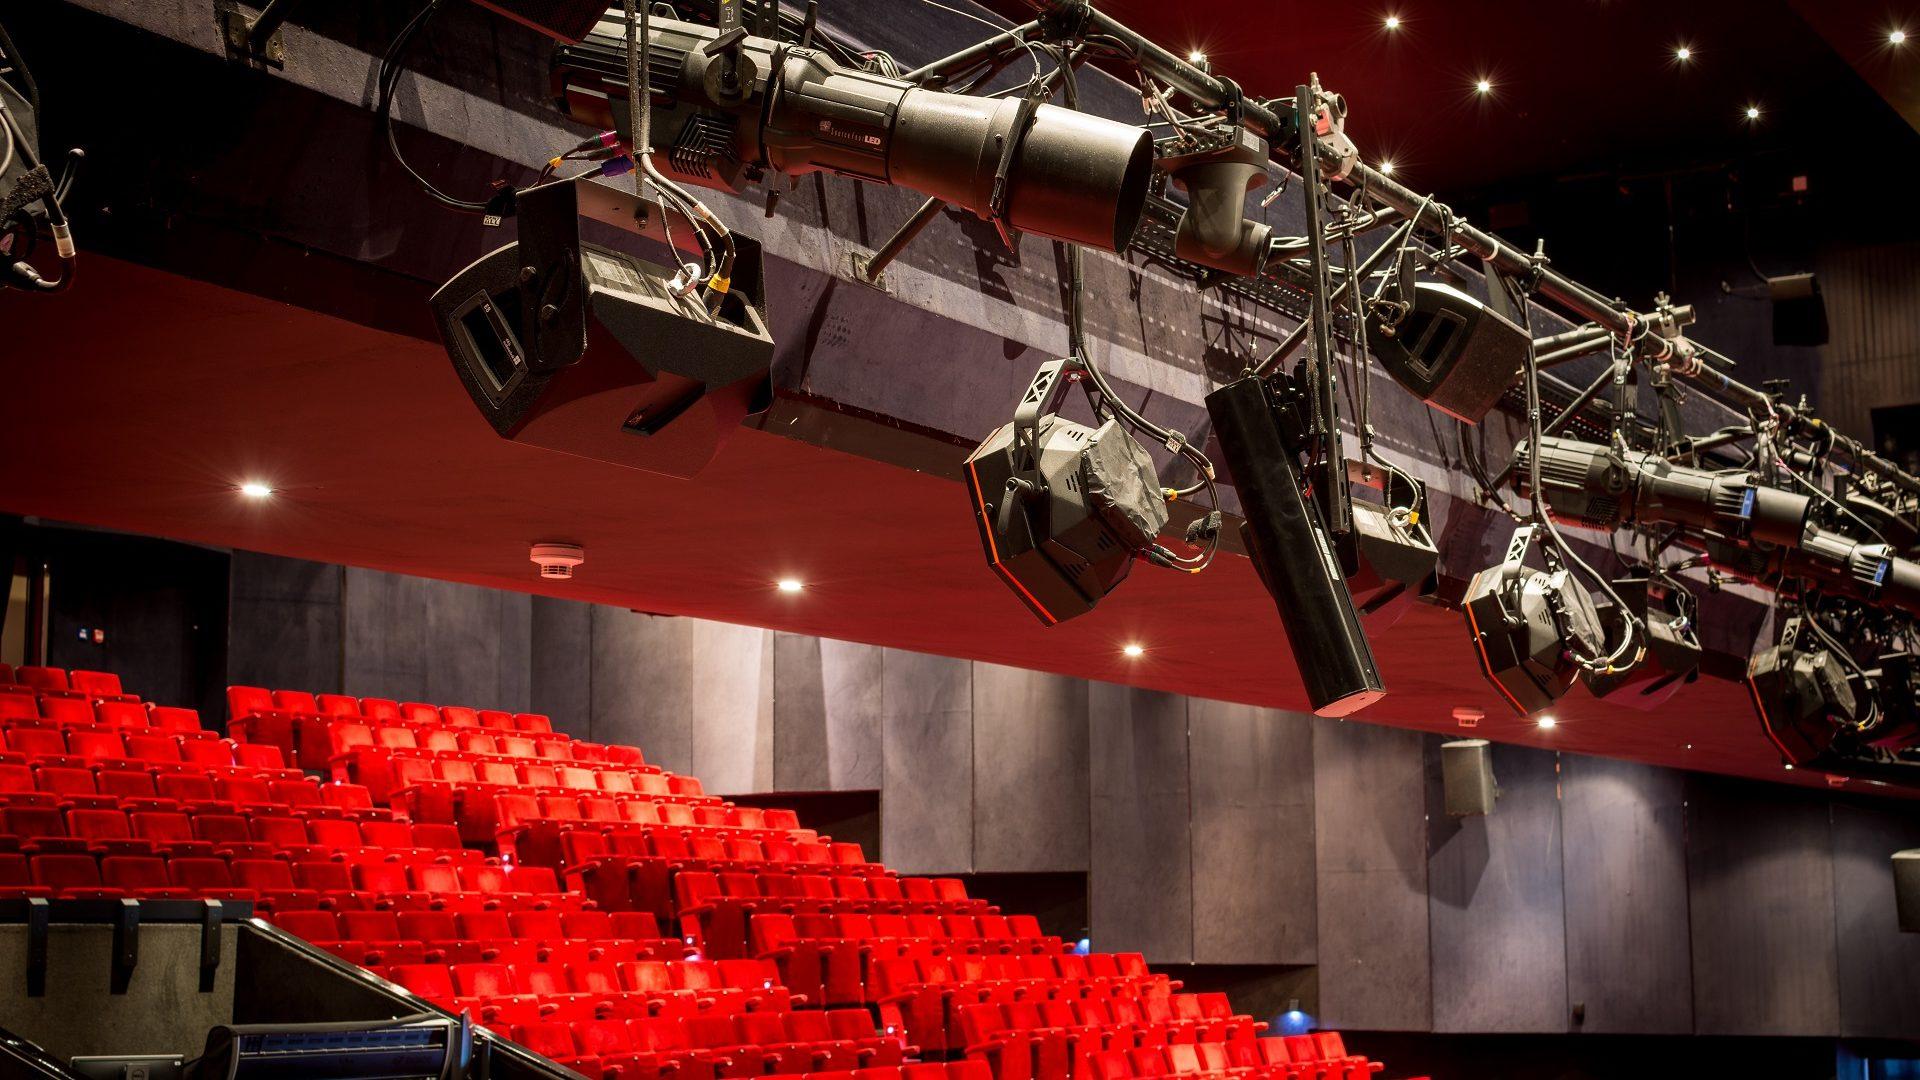 Jaarbeurs Beatrixtheater Utrecht (13) 1920